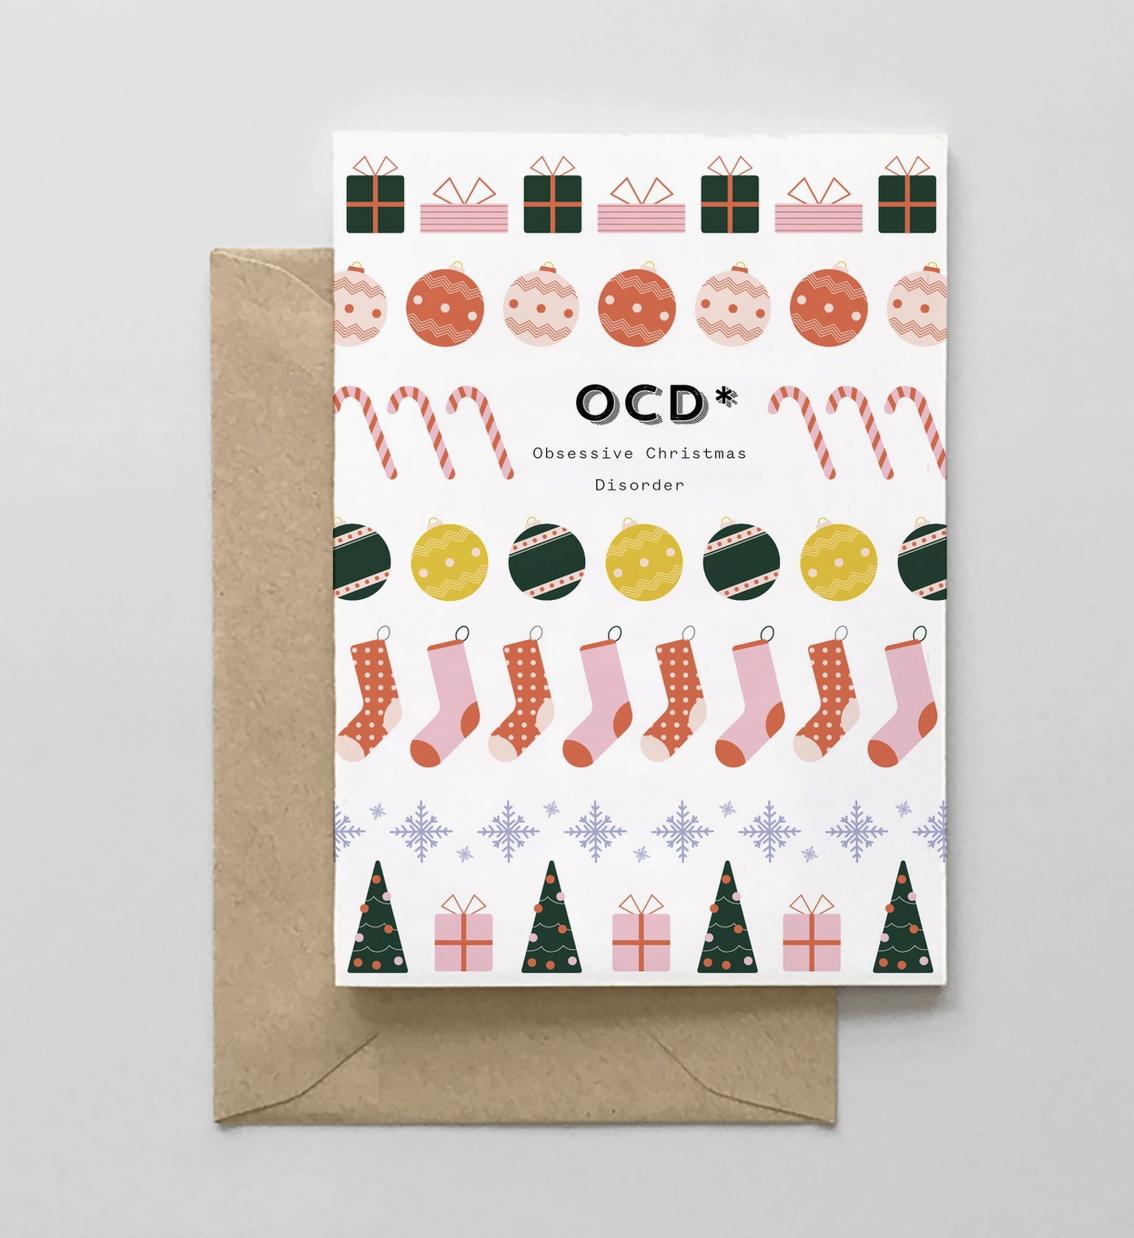 Spaghetti & Meatballs OCD* (Obsessive Christmas Disorder)